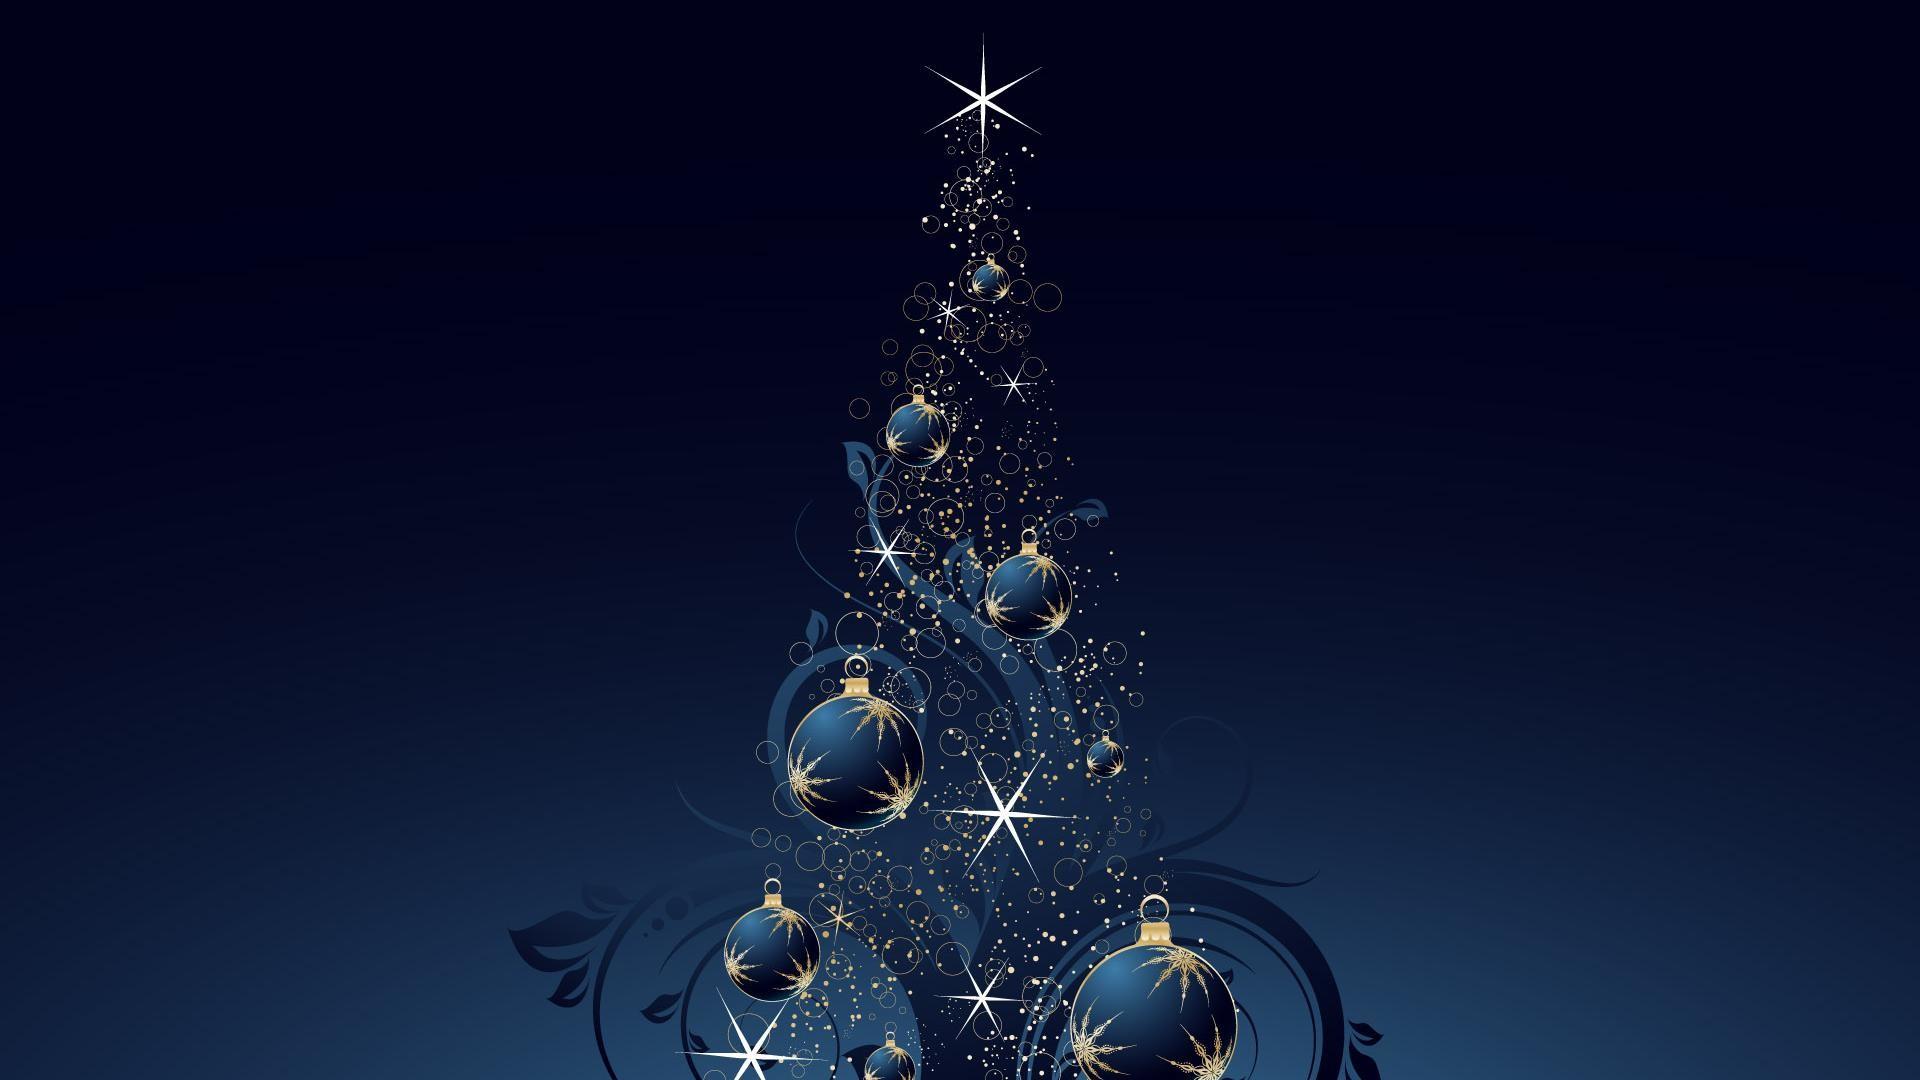 christmas, new-year, celebration, holiday